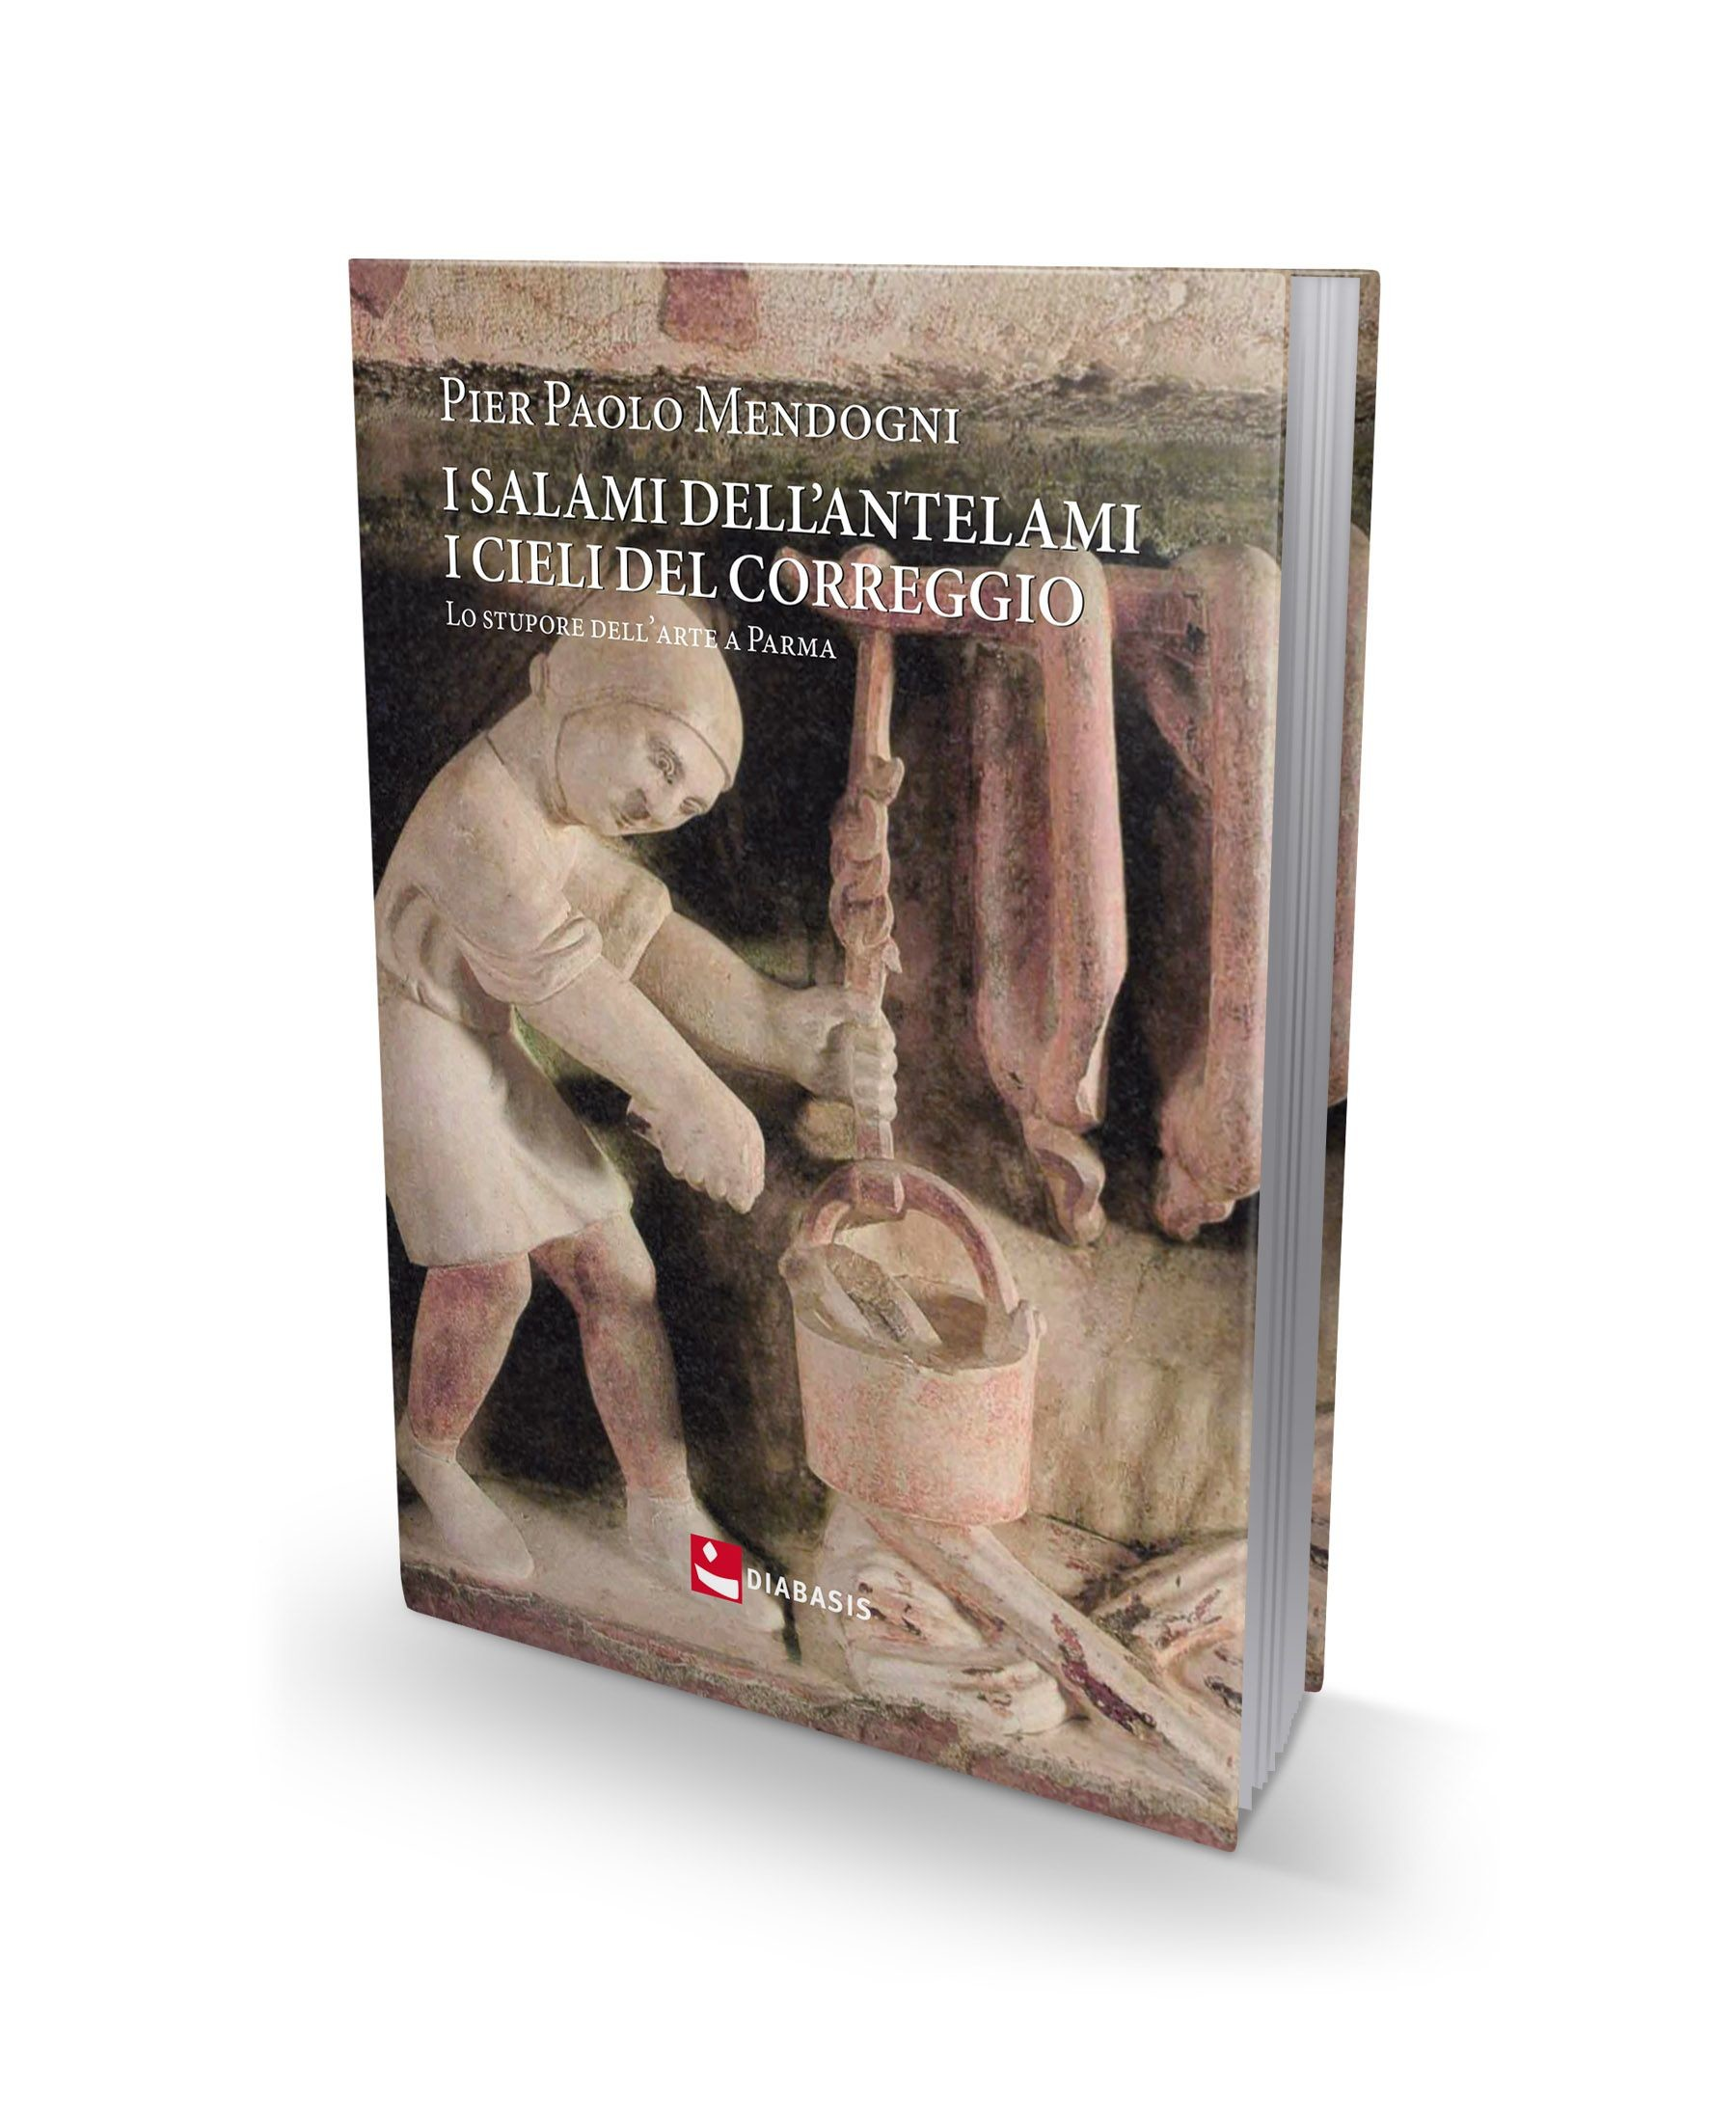 Presentazione dellibro: I salami dell'Antelami, I cieli del Correggio Lo stupore dell'arte a Parma di Pier Paolo Mendogni